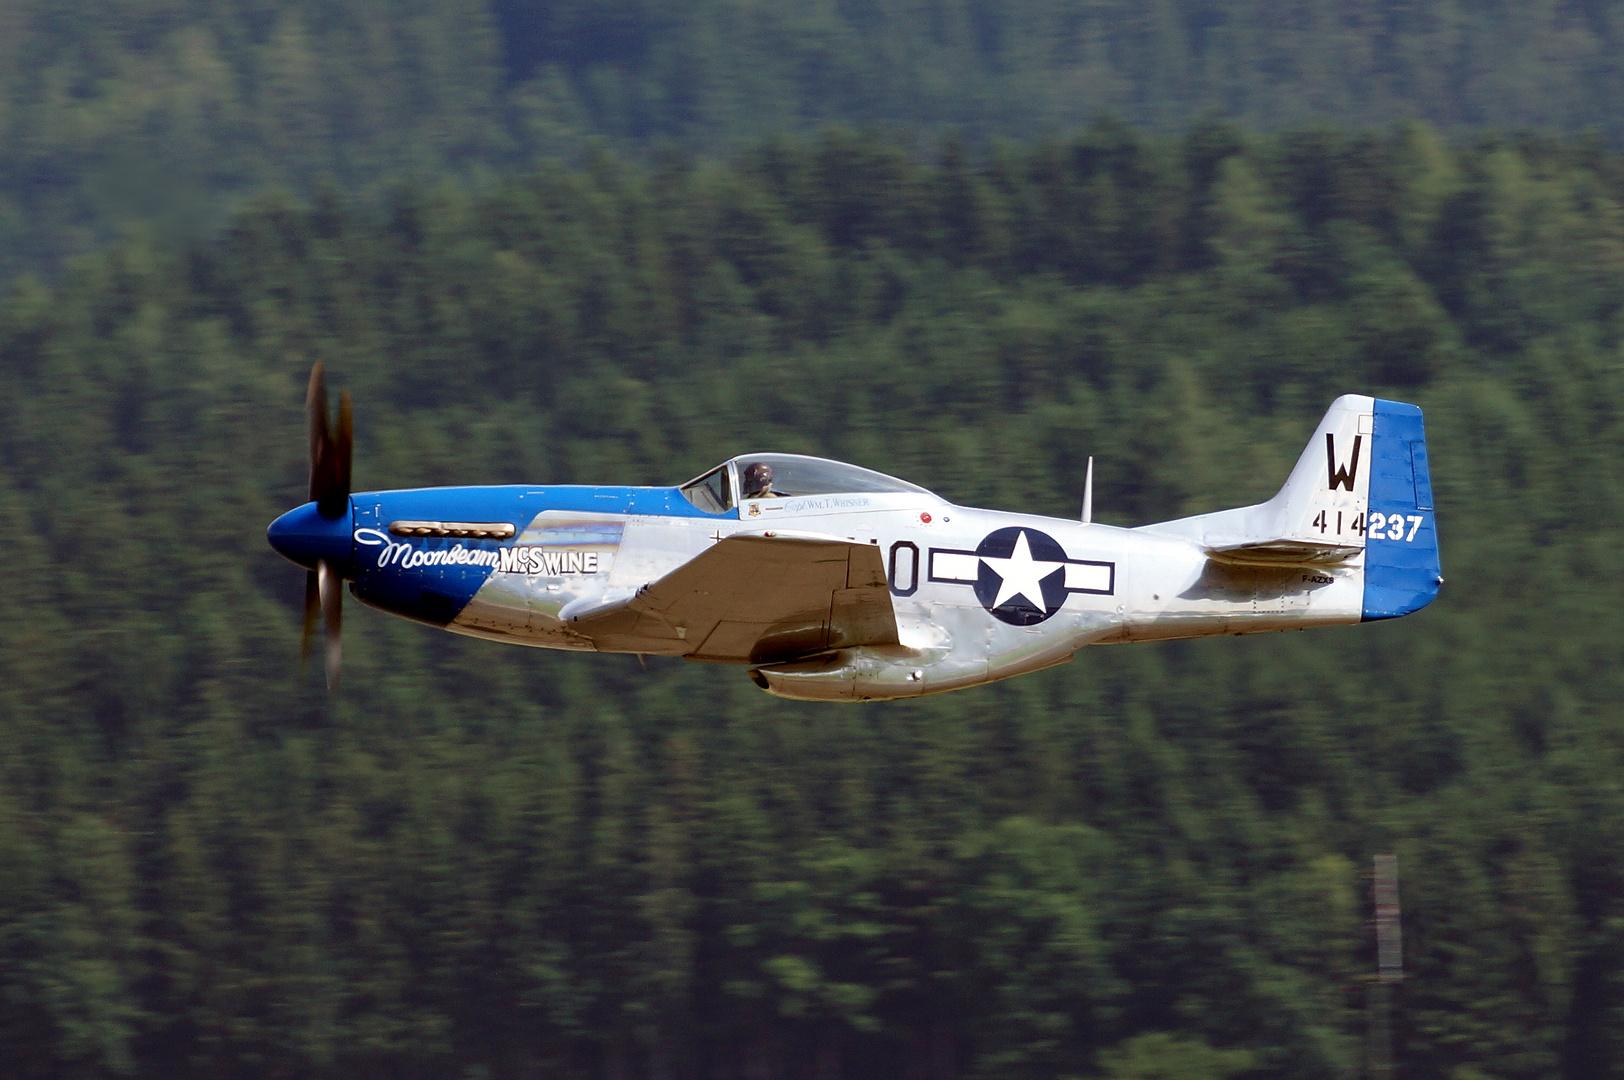 Airpower 2013 - Zeltweg/Austria - 29.06.2013